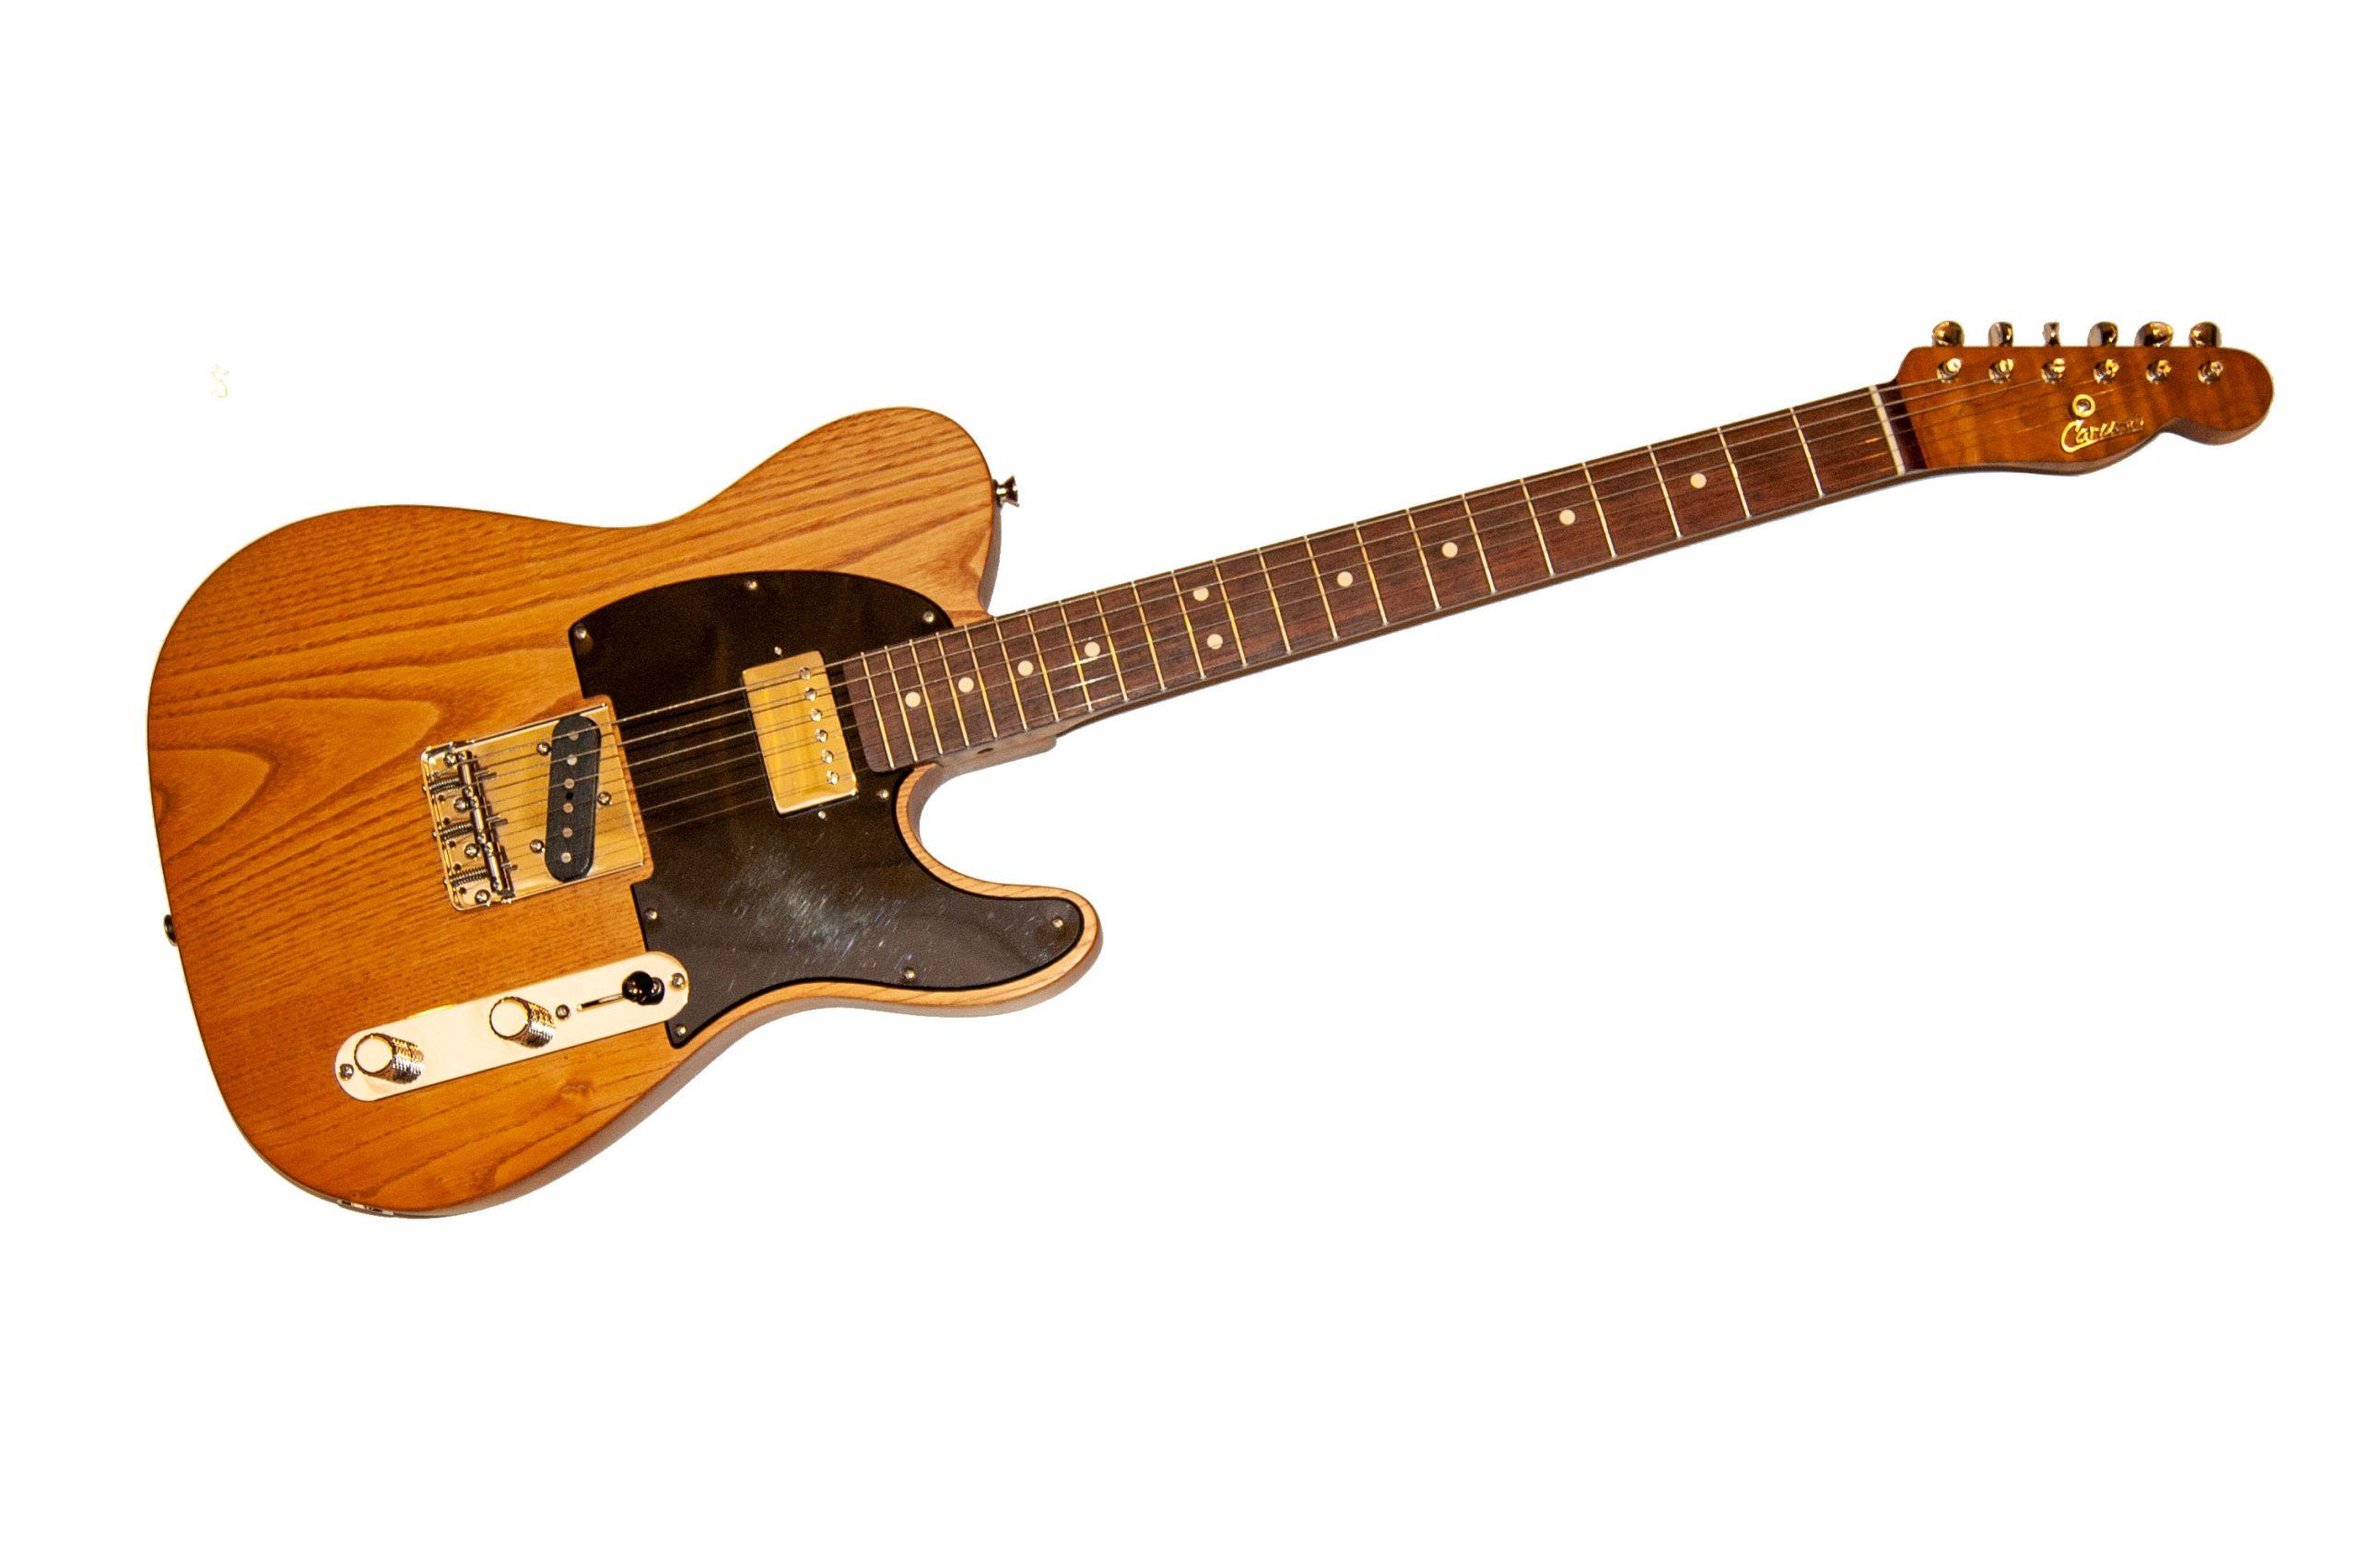 Caruso Tele Stile Guitars